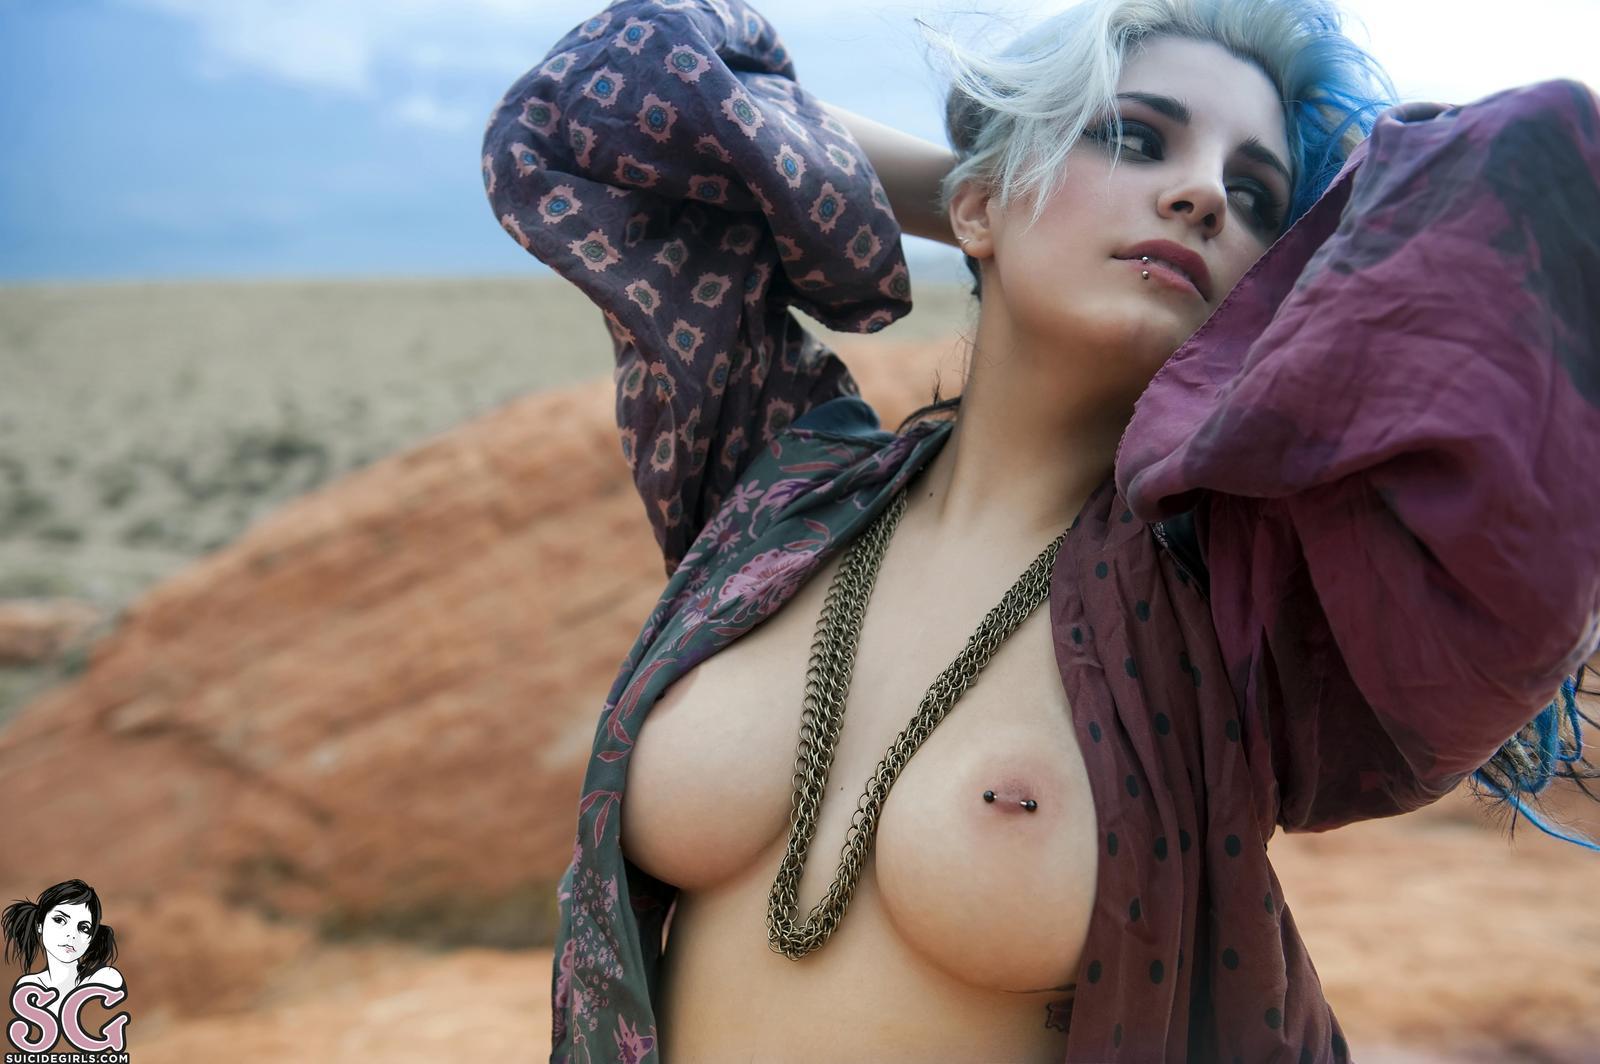 euphemia suicide girl naked